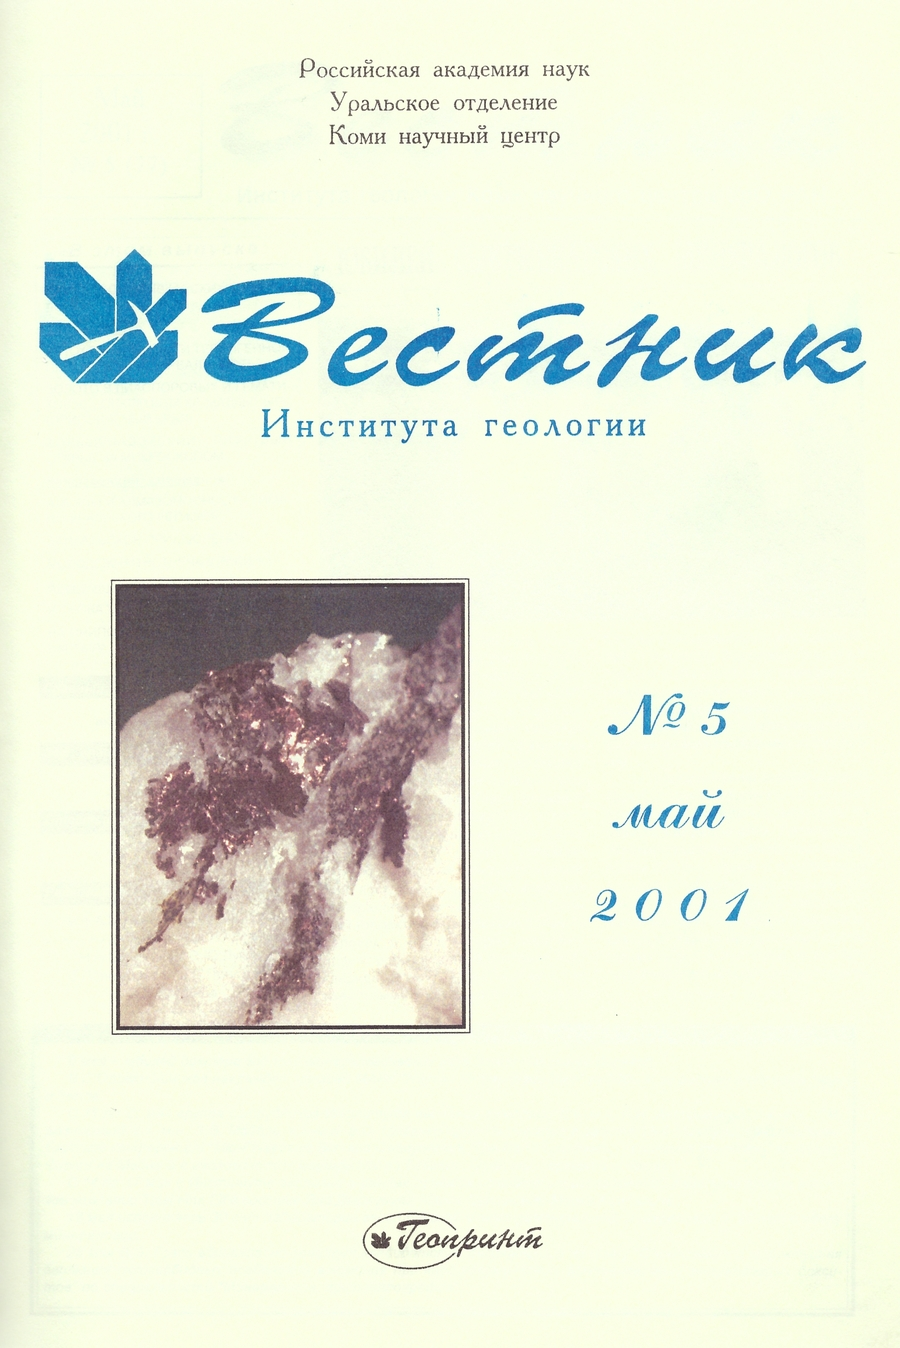 № 77, май